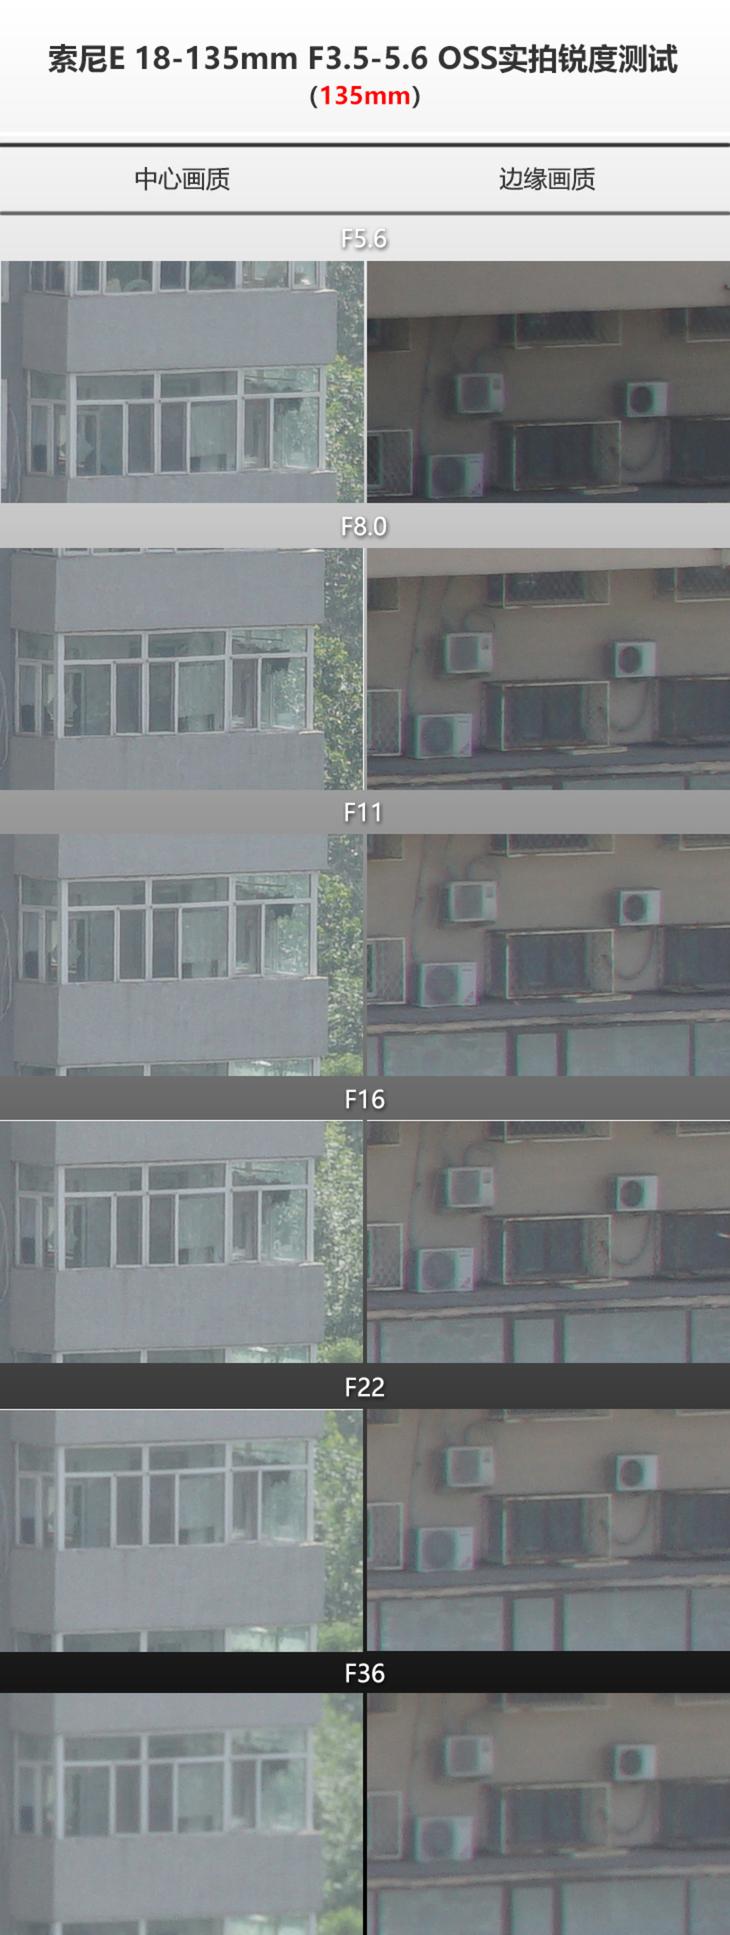 澳门葡京_搭配SEL18135镜头拍摄更方便 索尼微单A6300M评测-产品描述-玩意儿